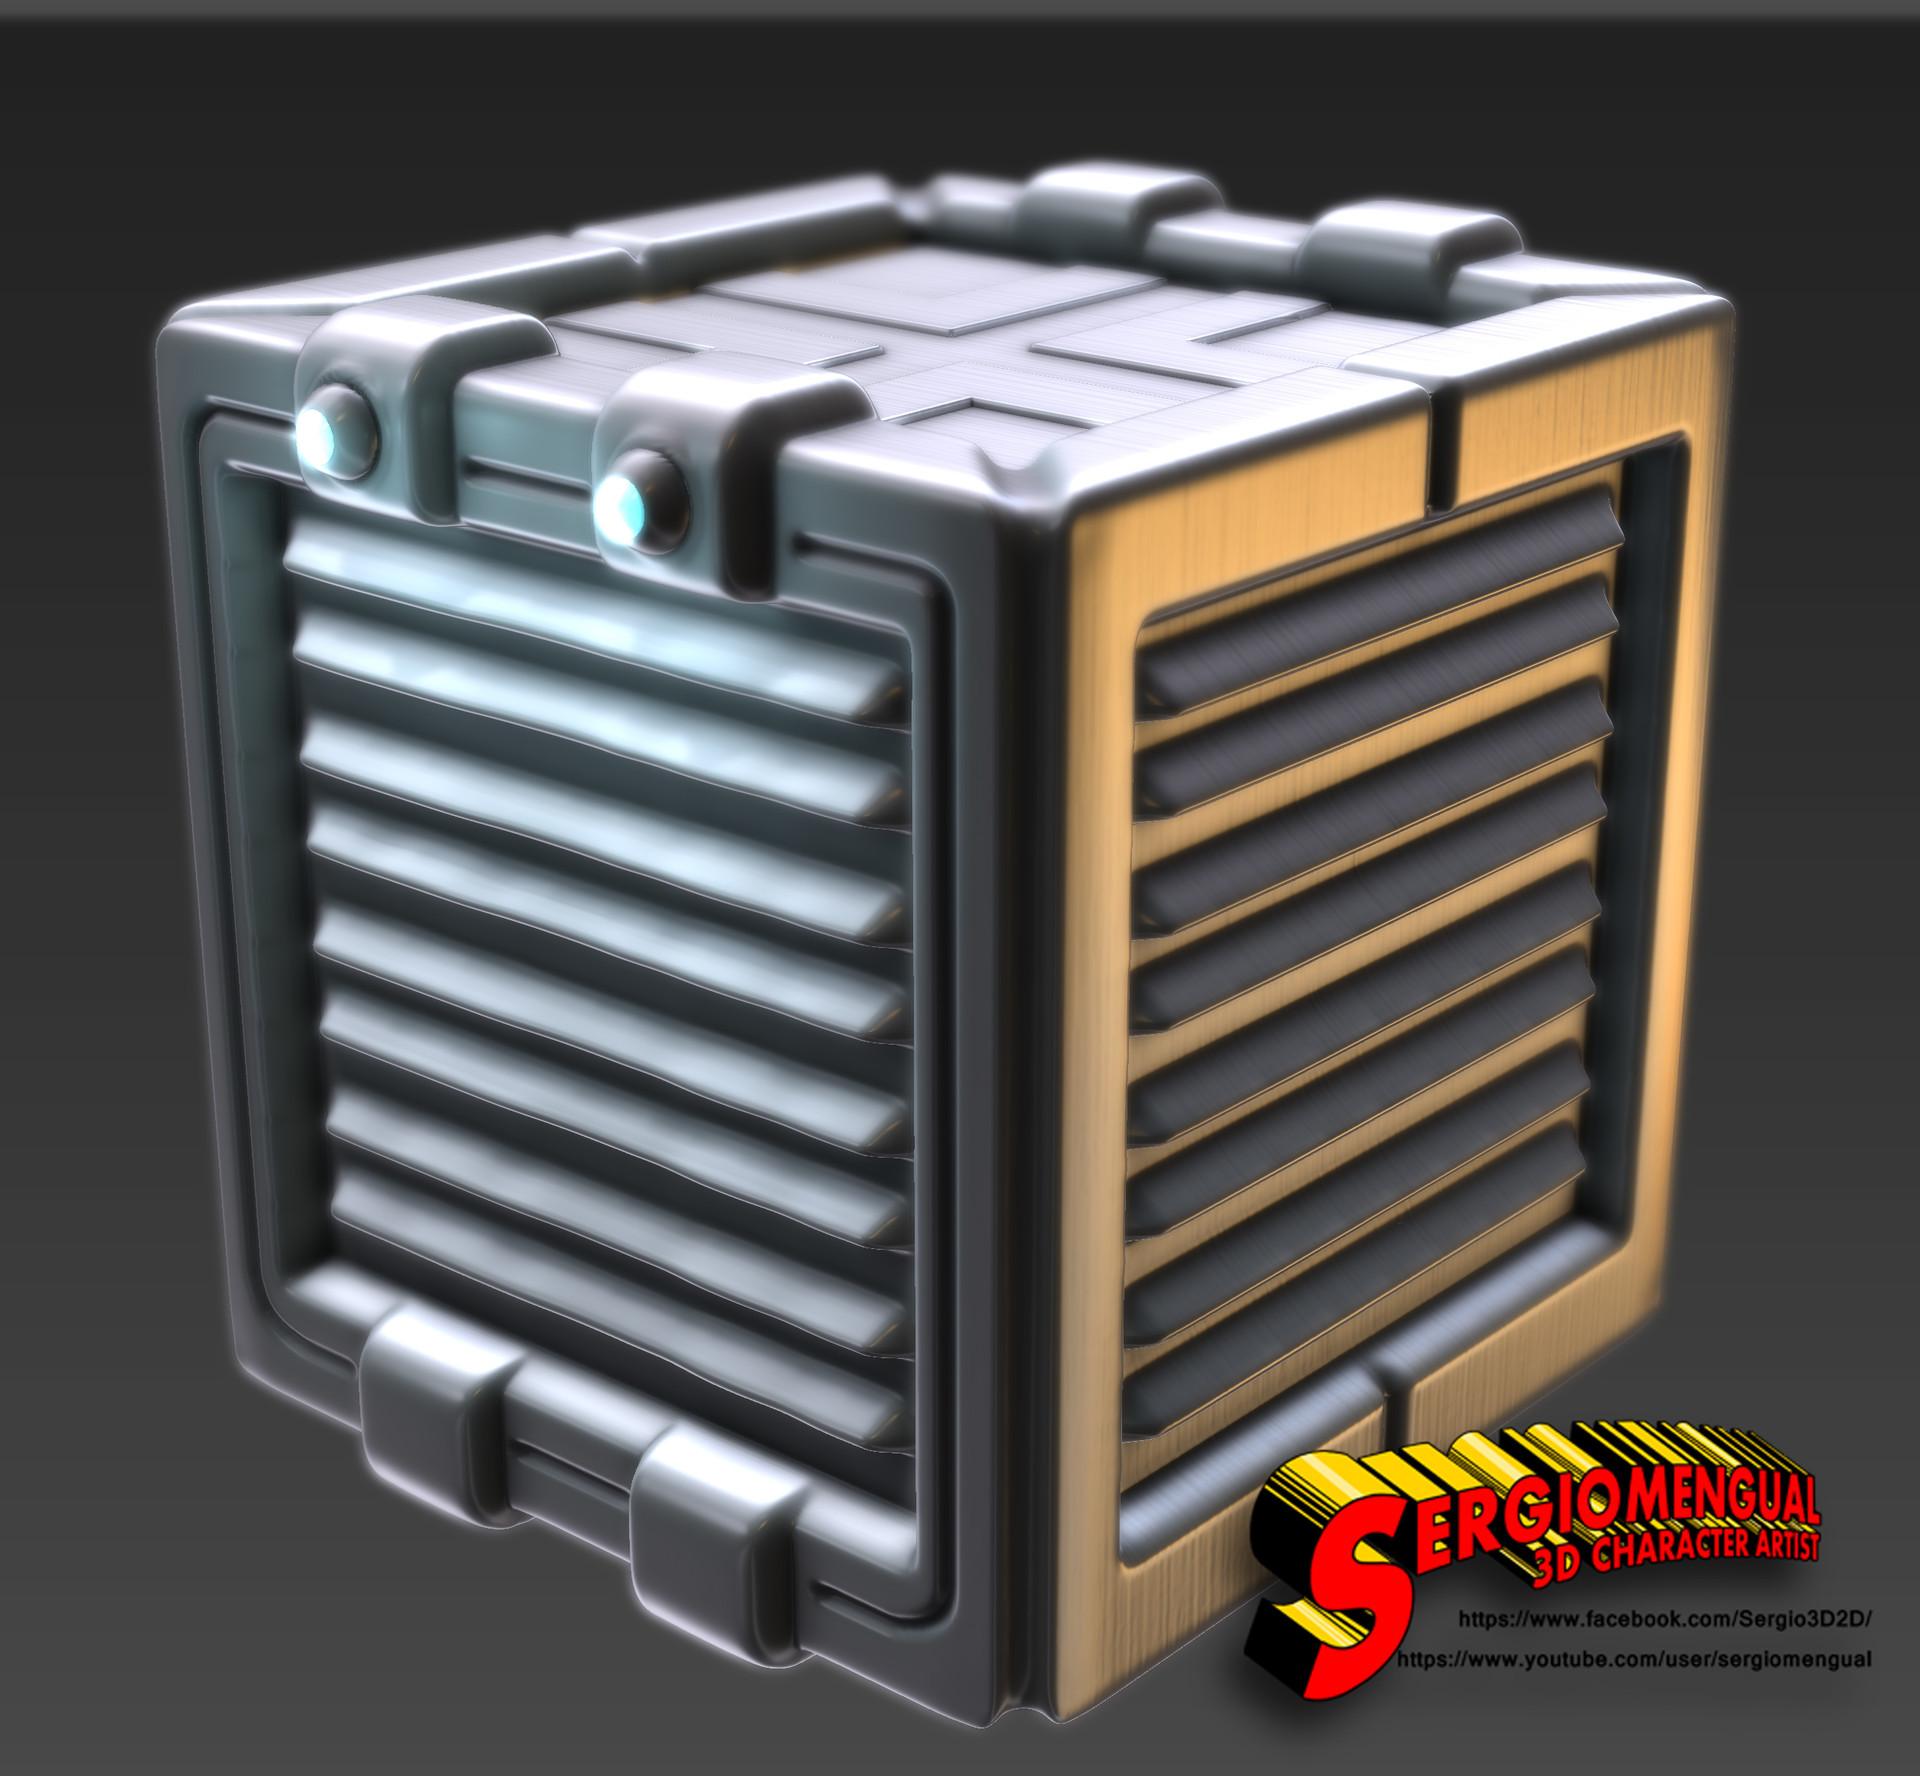 Sergio gabriel mengual scifi crate3